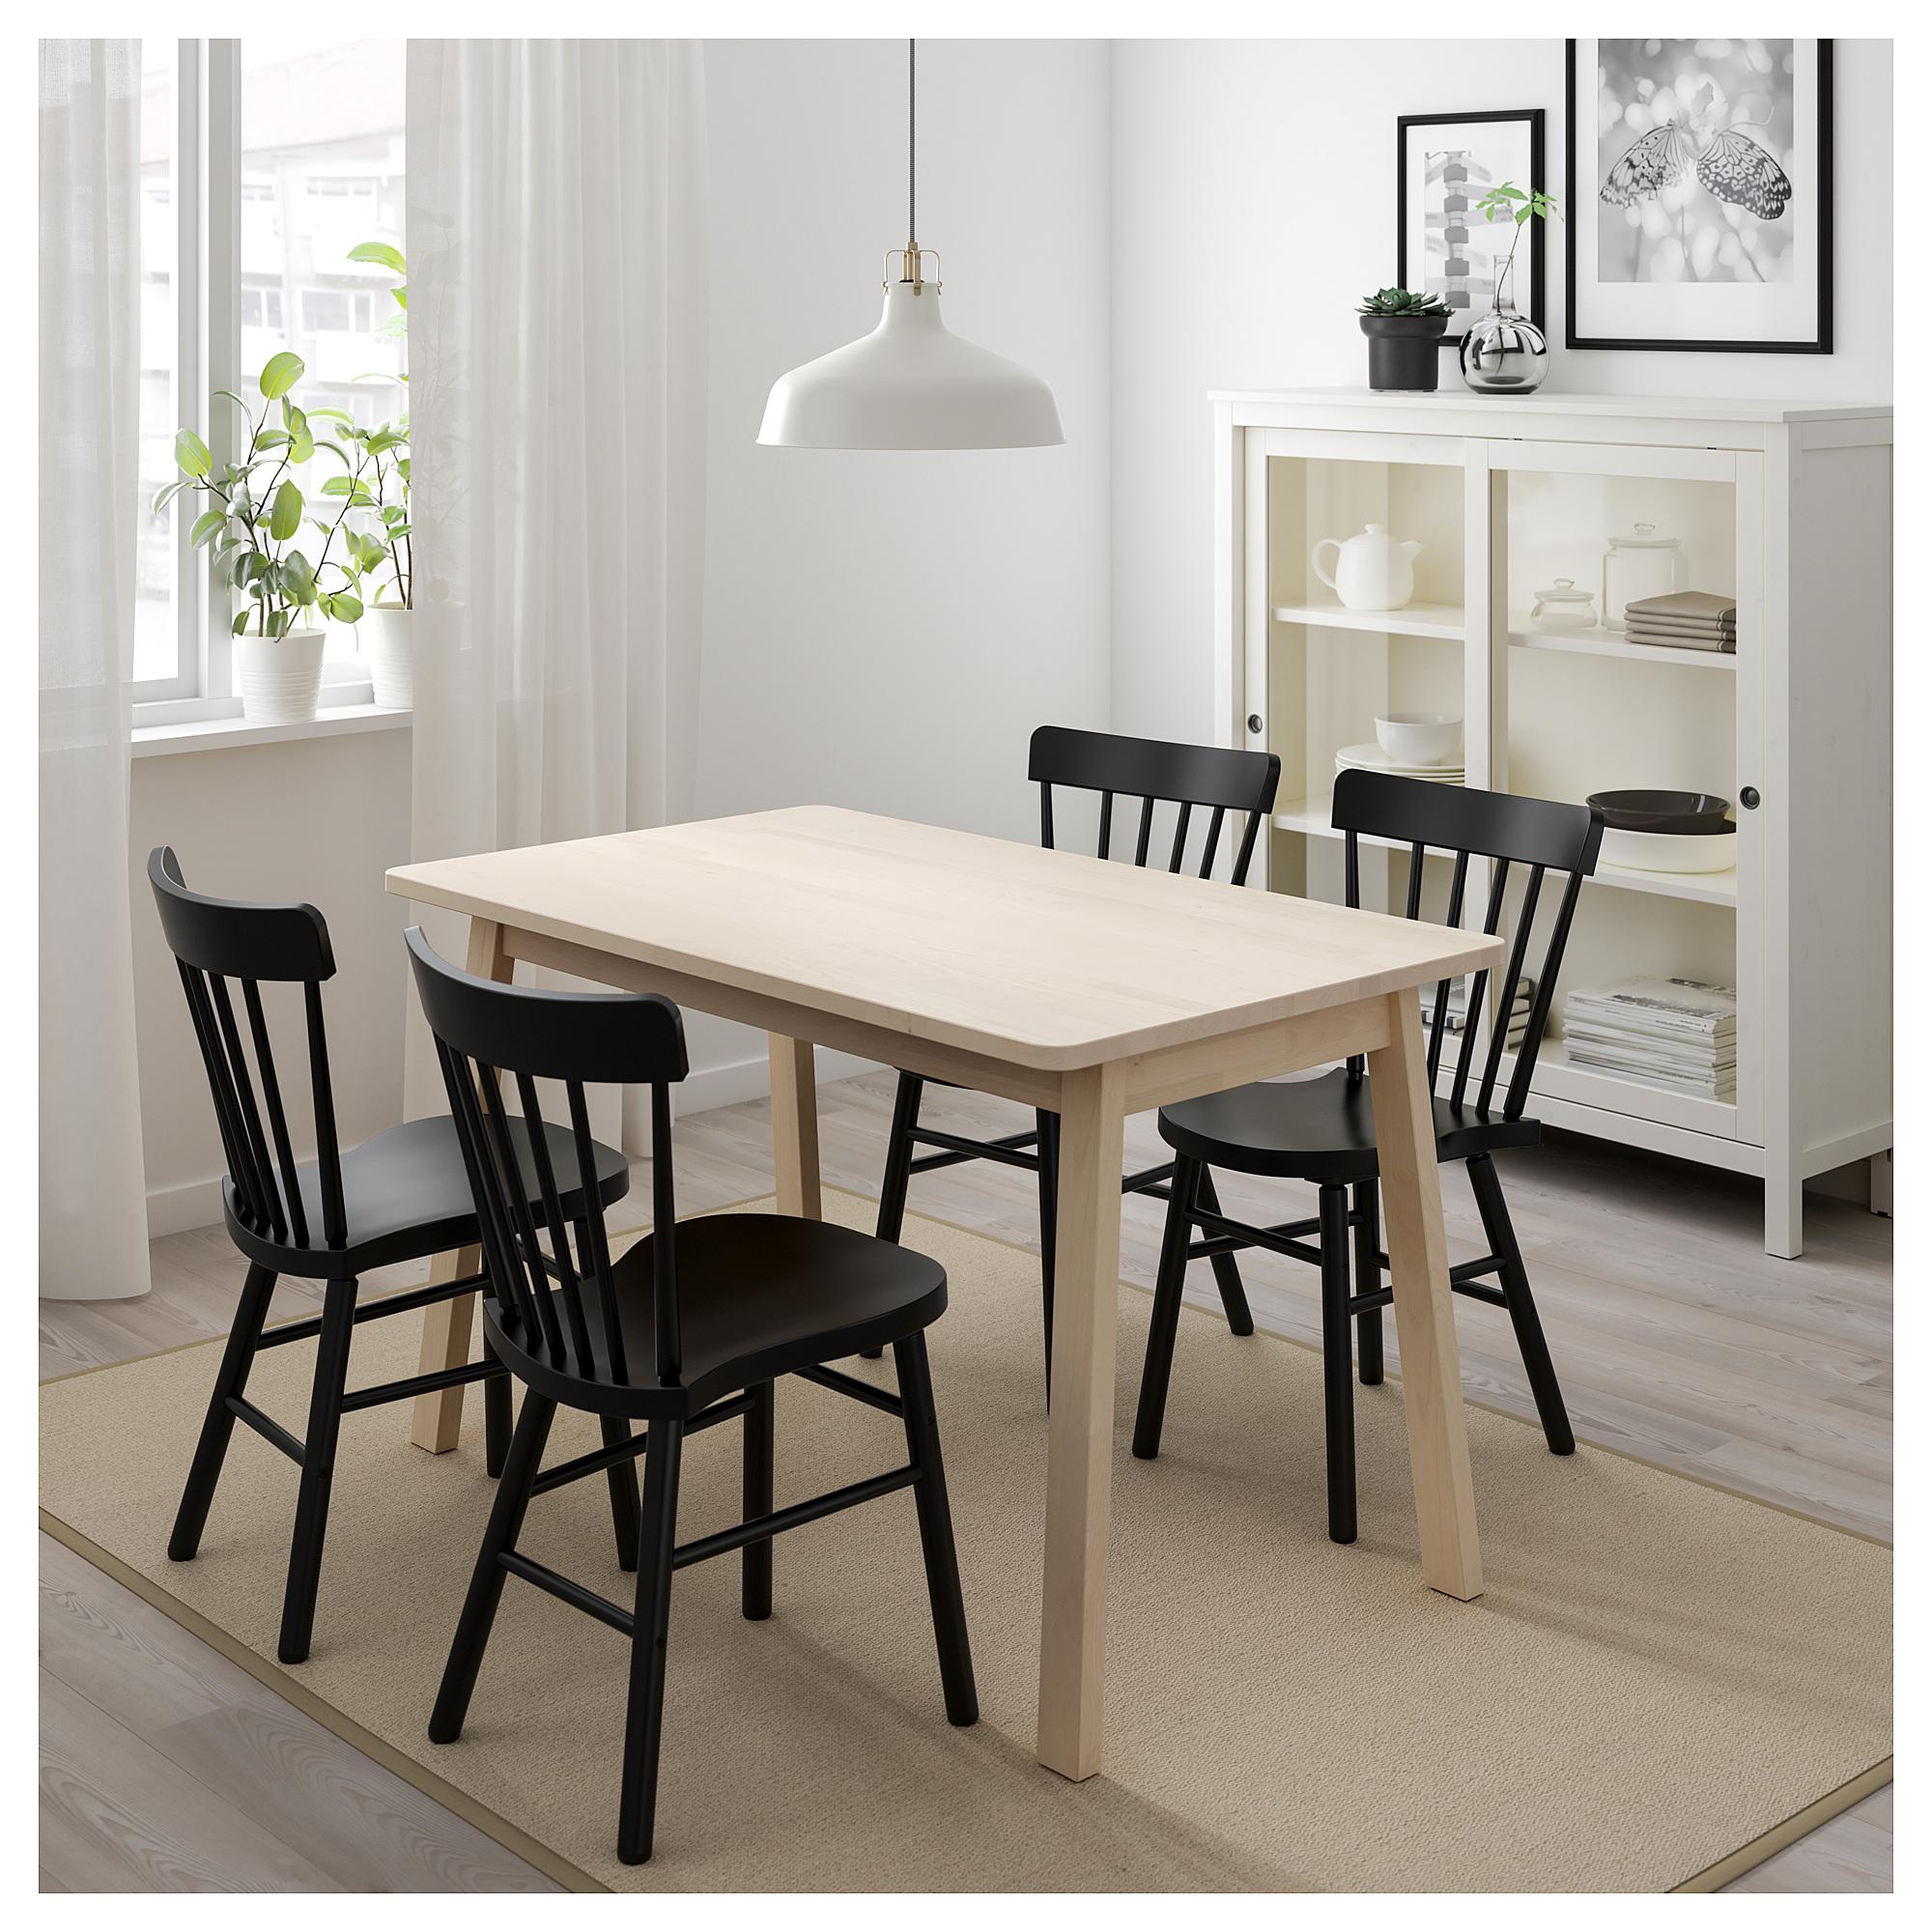 красками кухонные столы из икеа отзывы с фото видео фото музыкой